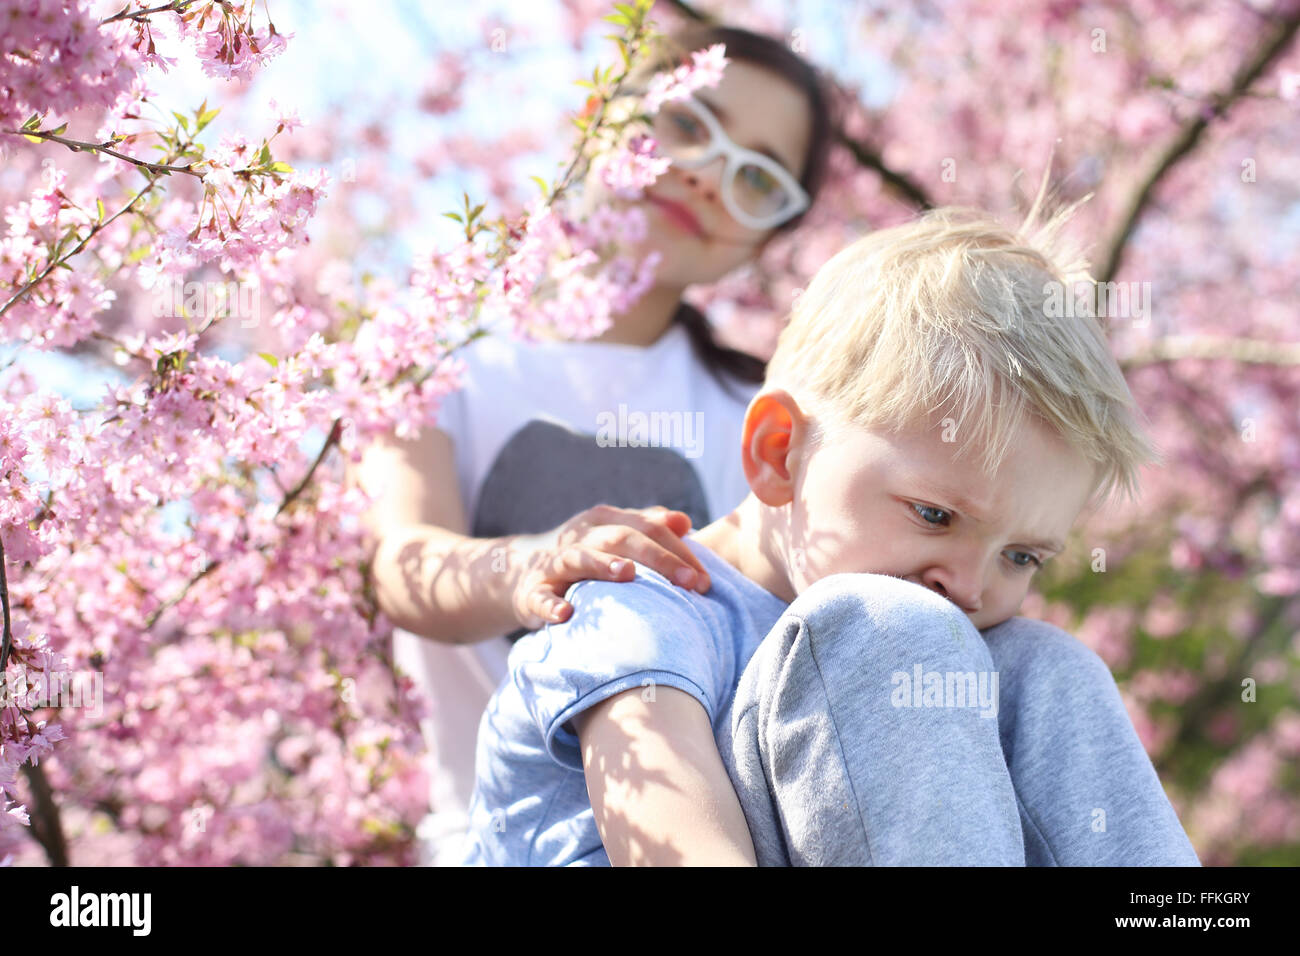 Garder la tête haute, il sera bien!. Des enfants assis sous un arbre en fleurs, sœur réconforté Photo Stock